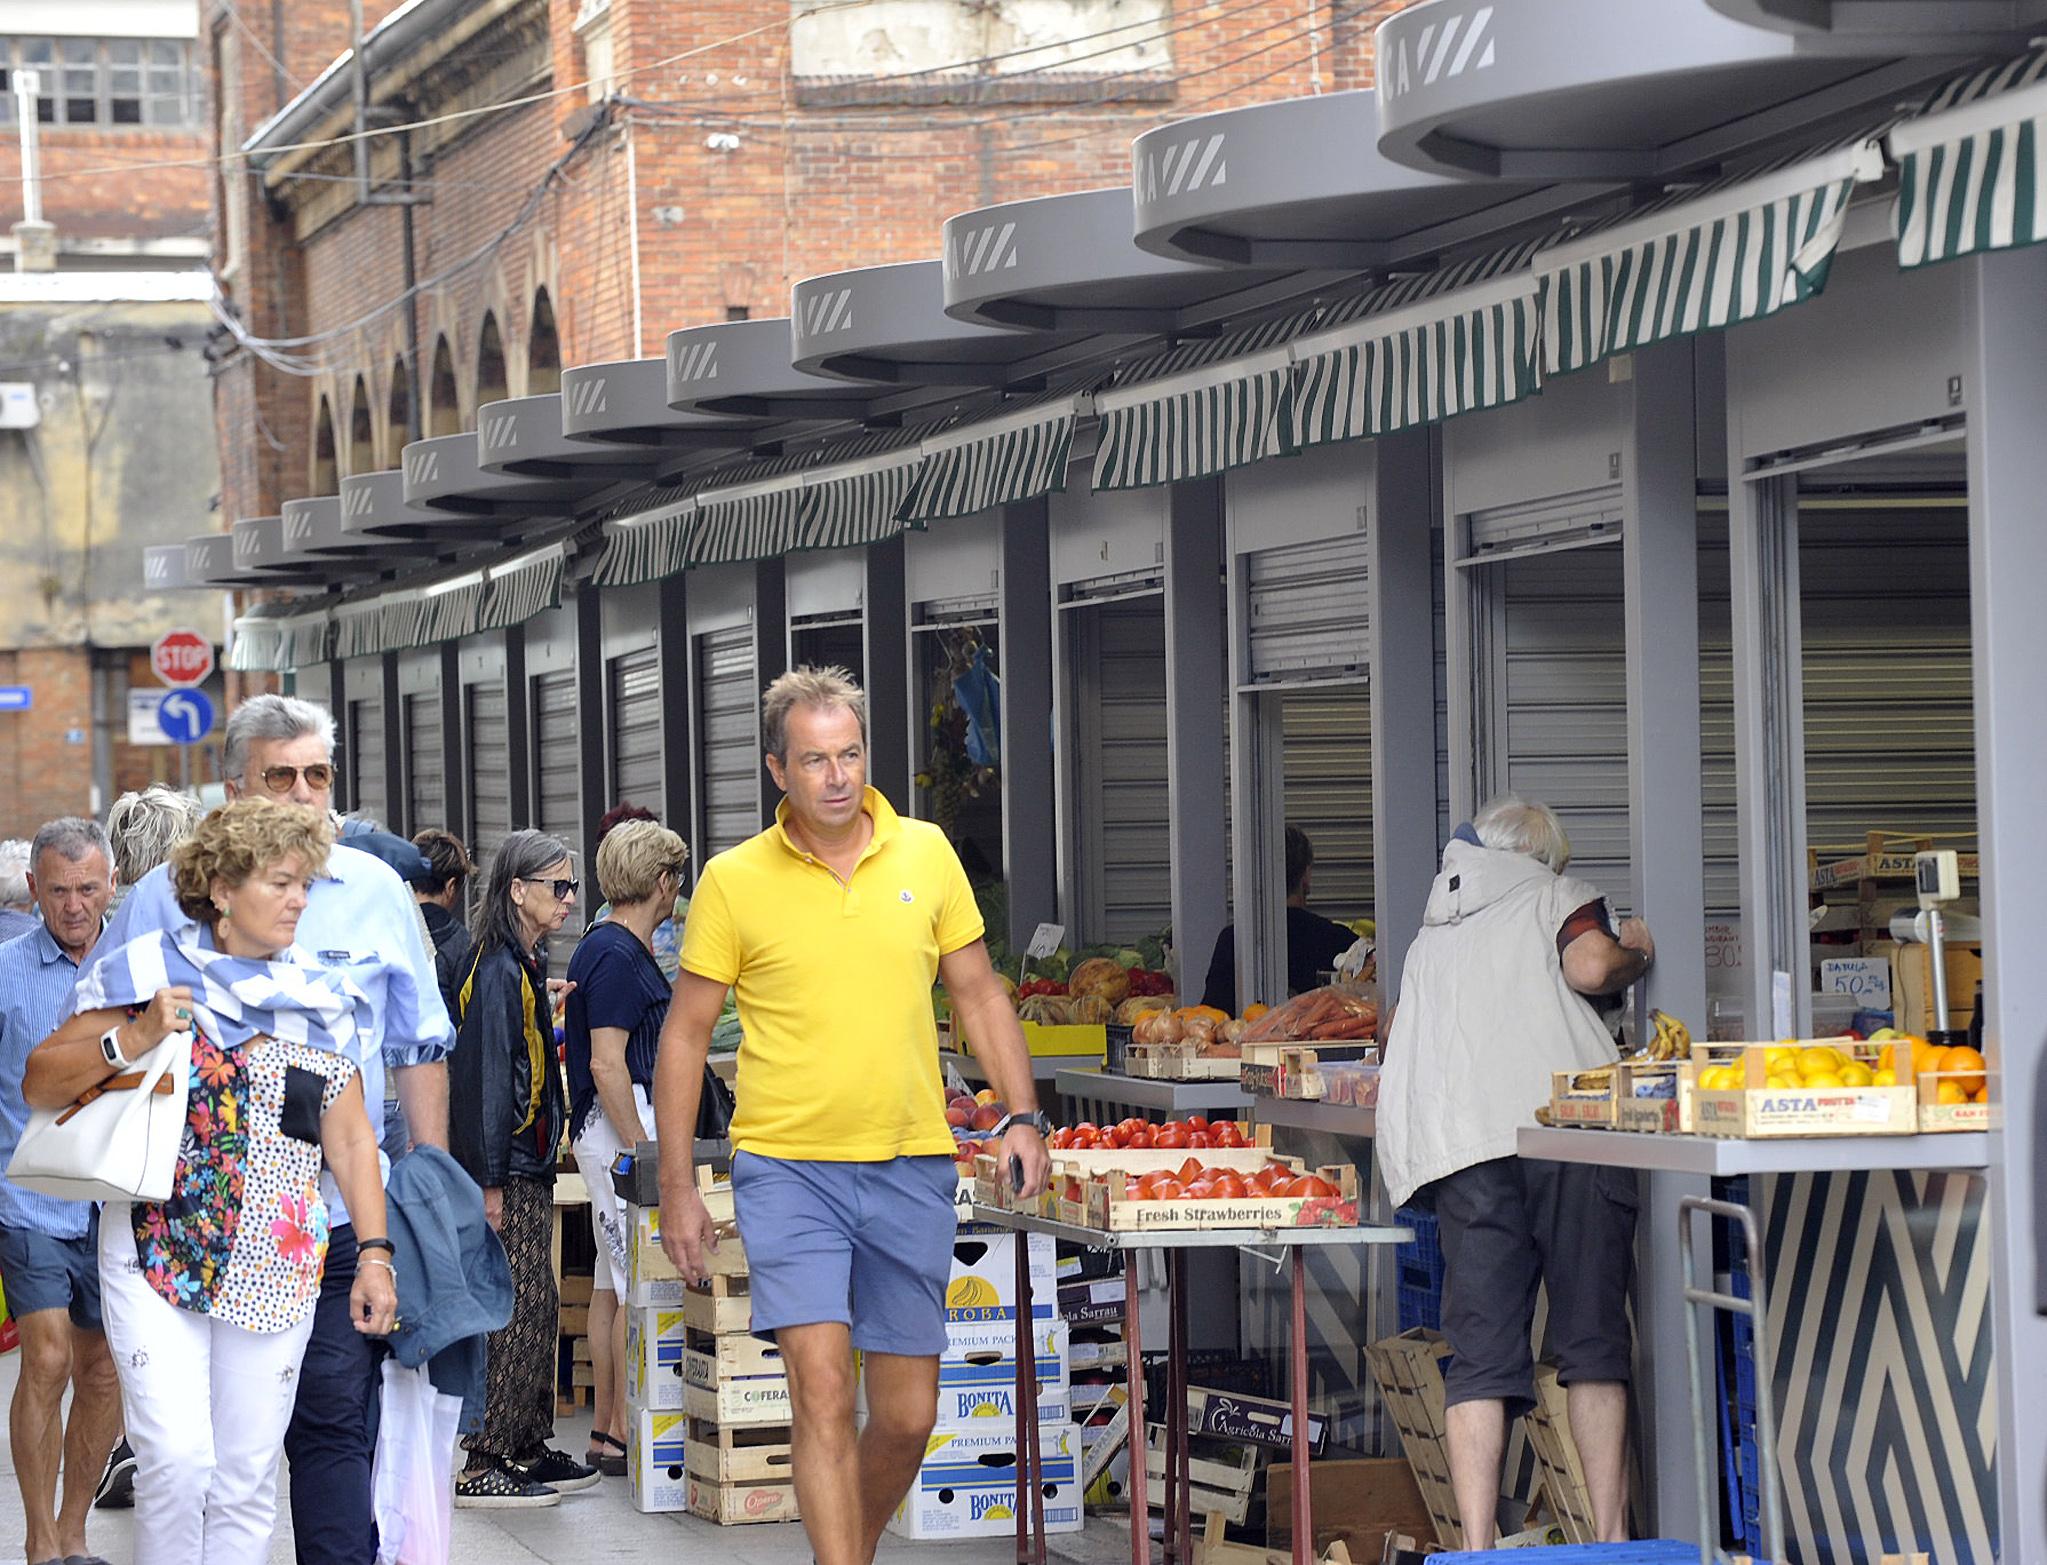 Kiosci na tržnici koštali su građane Rijeke 5,6 milijuna kuna / Foto S. DRECHSLER